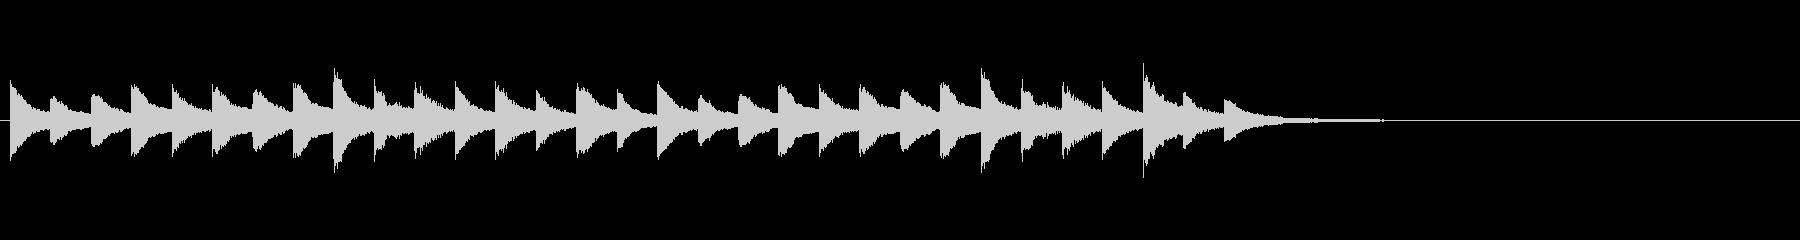 オルゴールの合図音、お知らせ、着信音の未再生の波形